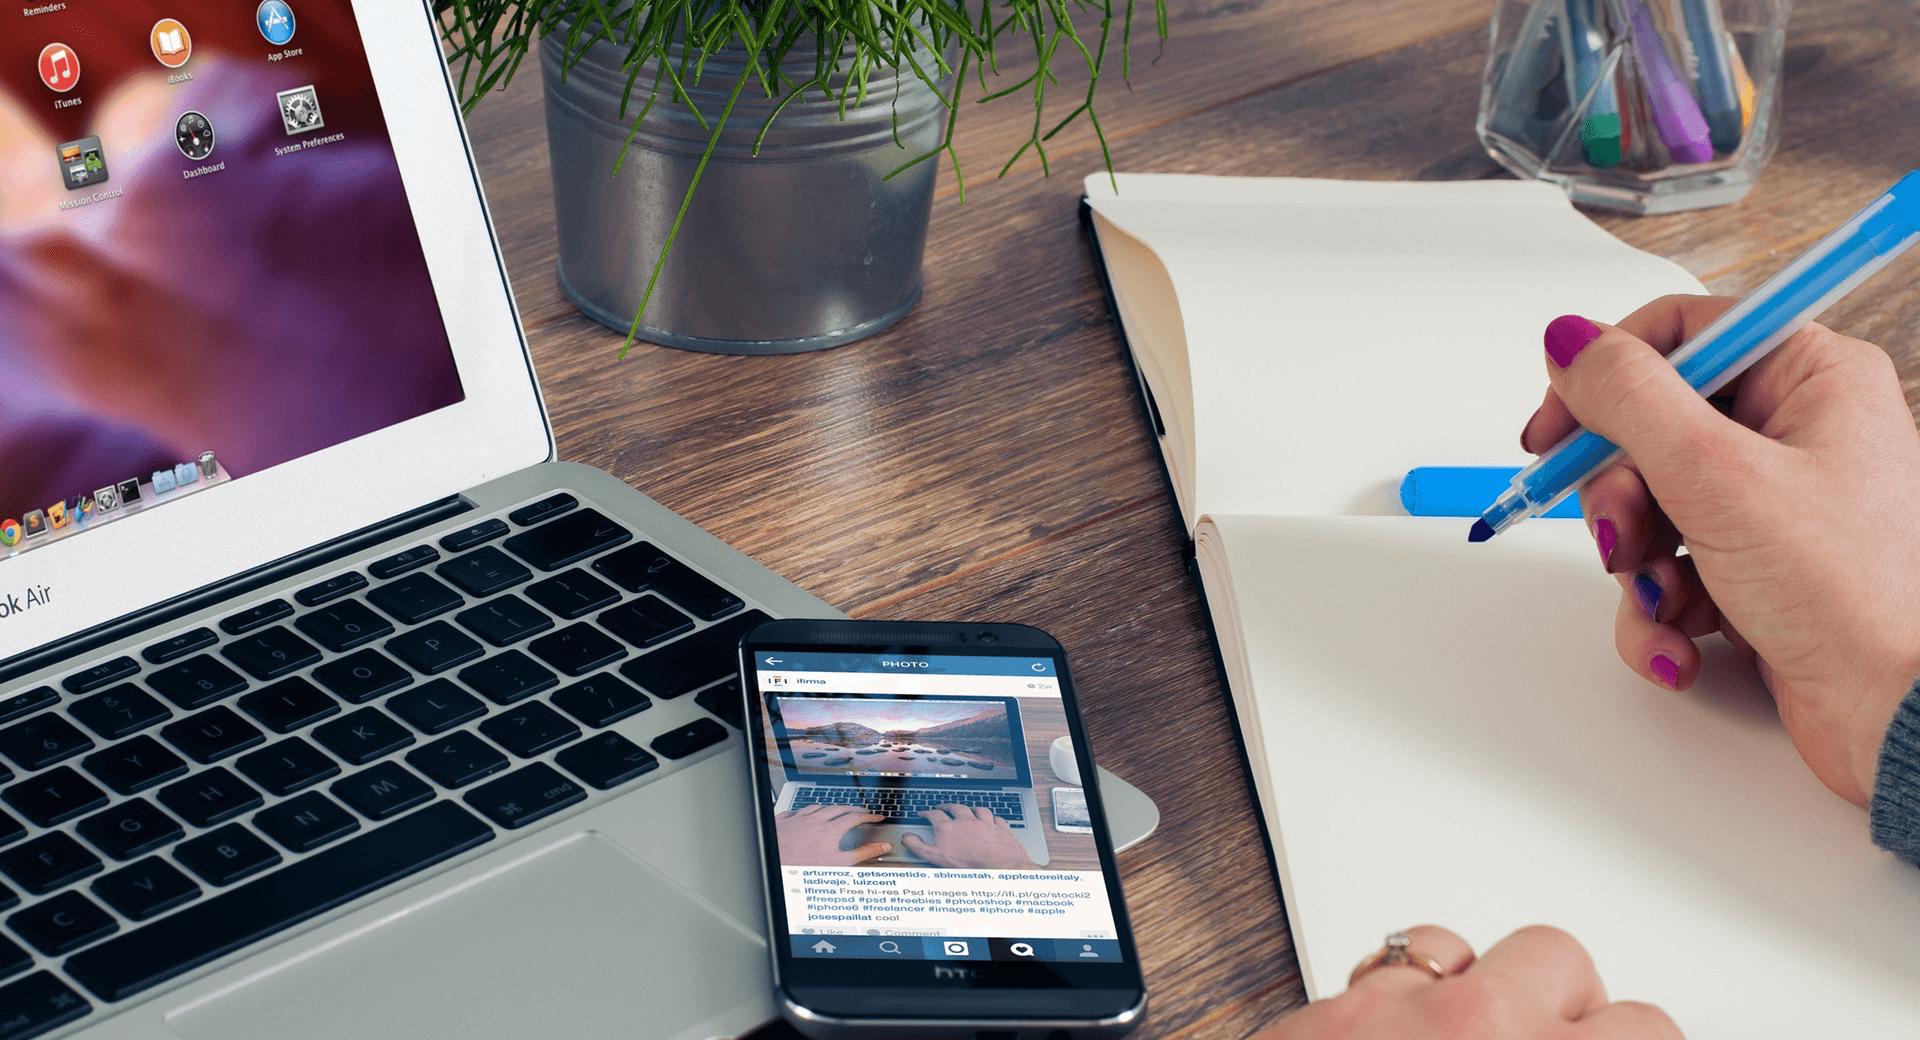 40 Productivity Hacks, Habits & Shortcuts